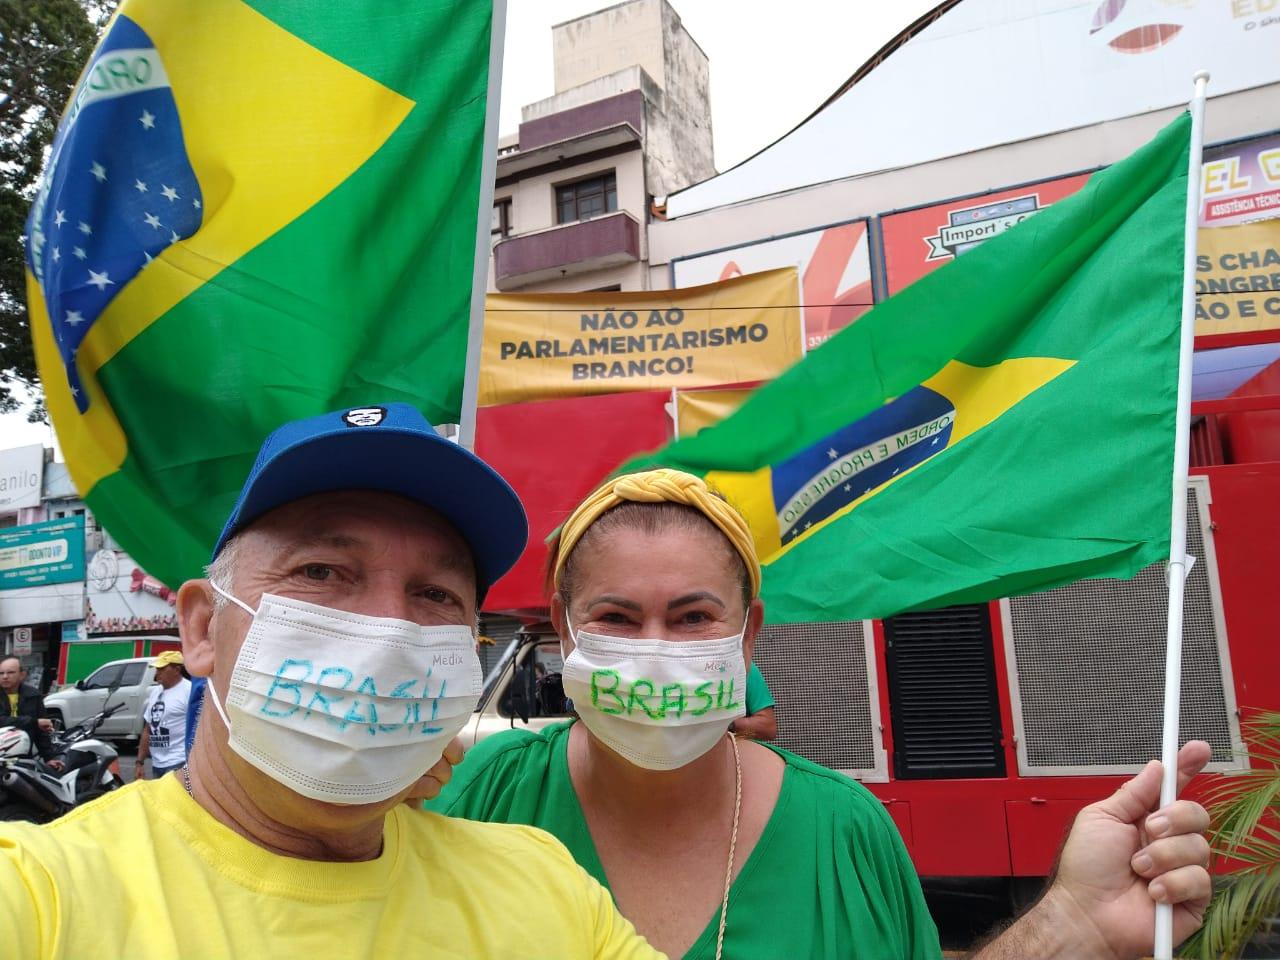 WhatsApp Image 2020 03 15 at 15.28.16 - Pâmela Bório participa de carreata pró-Bolsonaro: 'Corrupção mata mais que coronavírus'; VEJA VÍDEO